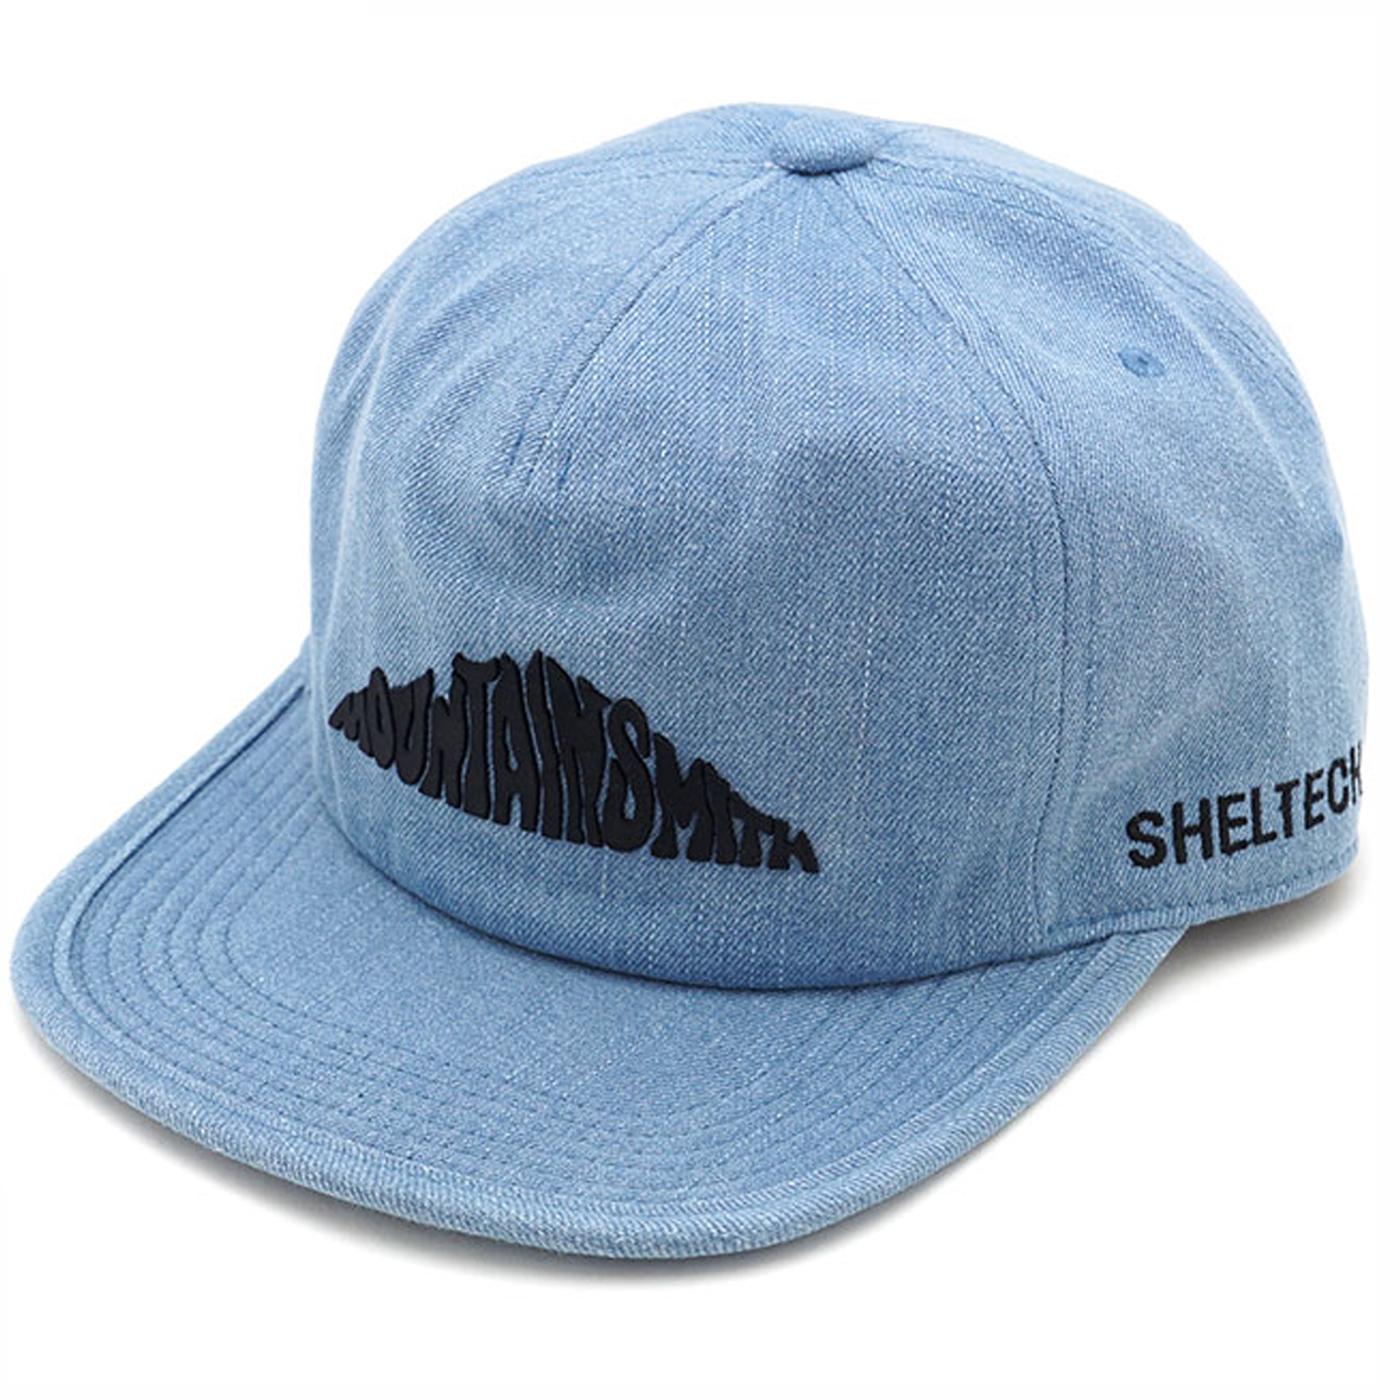 product: MS SHELTECH DENIM CAP / color: L.BLUE 1